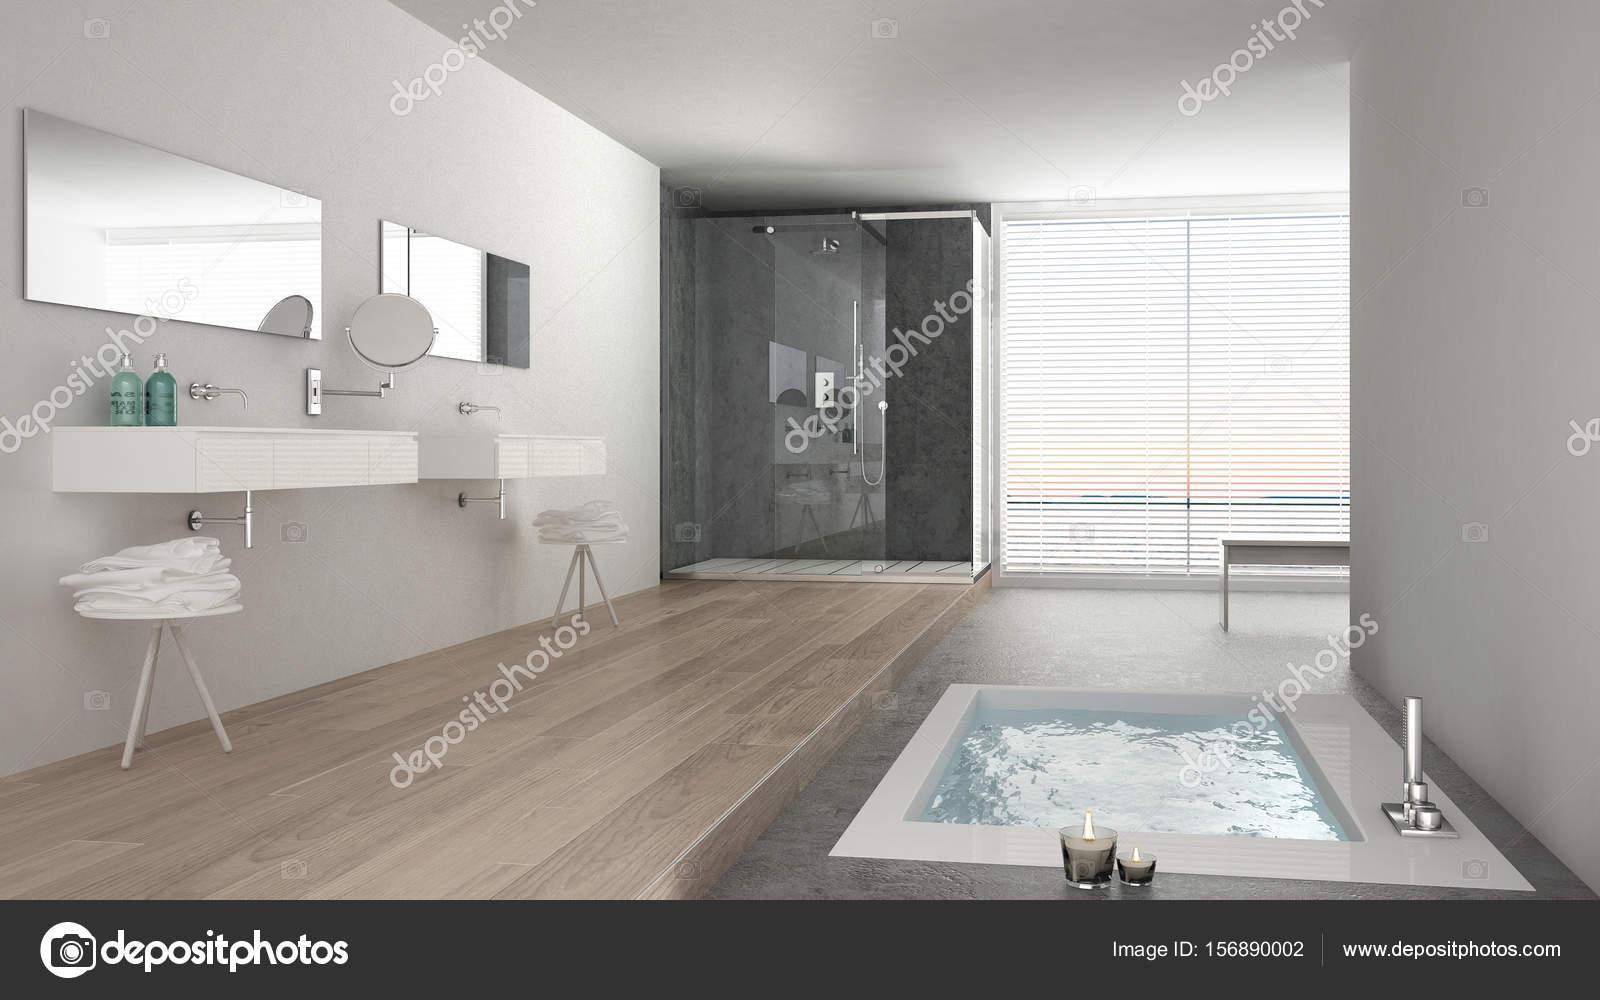 Minimalistische witte badkamer met bad en een panoramisch venster